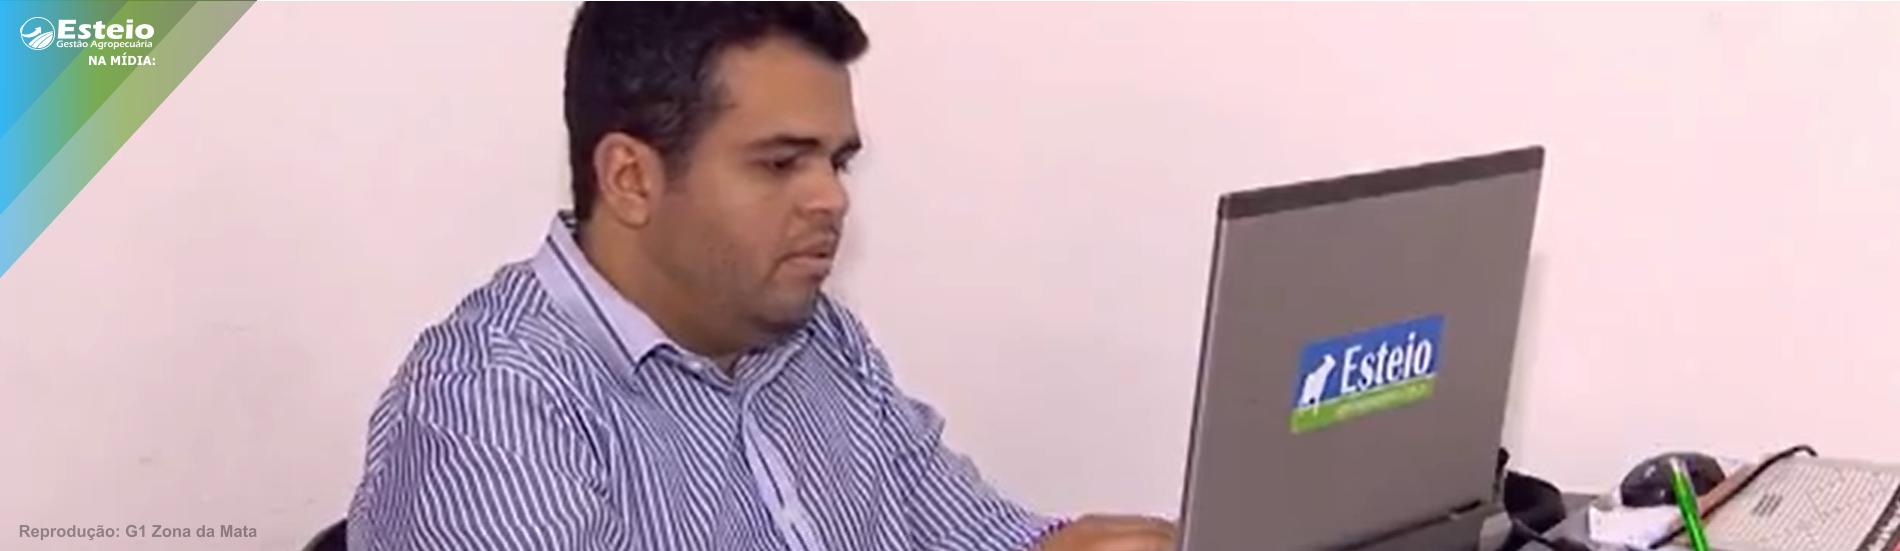 Entrevista para G1 Zona da Mata em reportagem sobre parque tecnológico